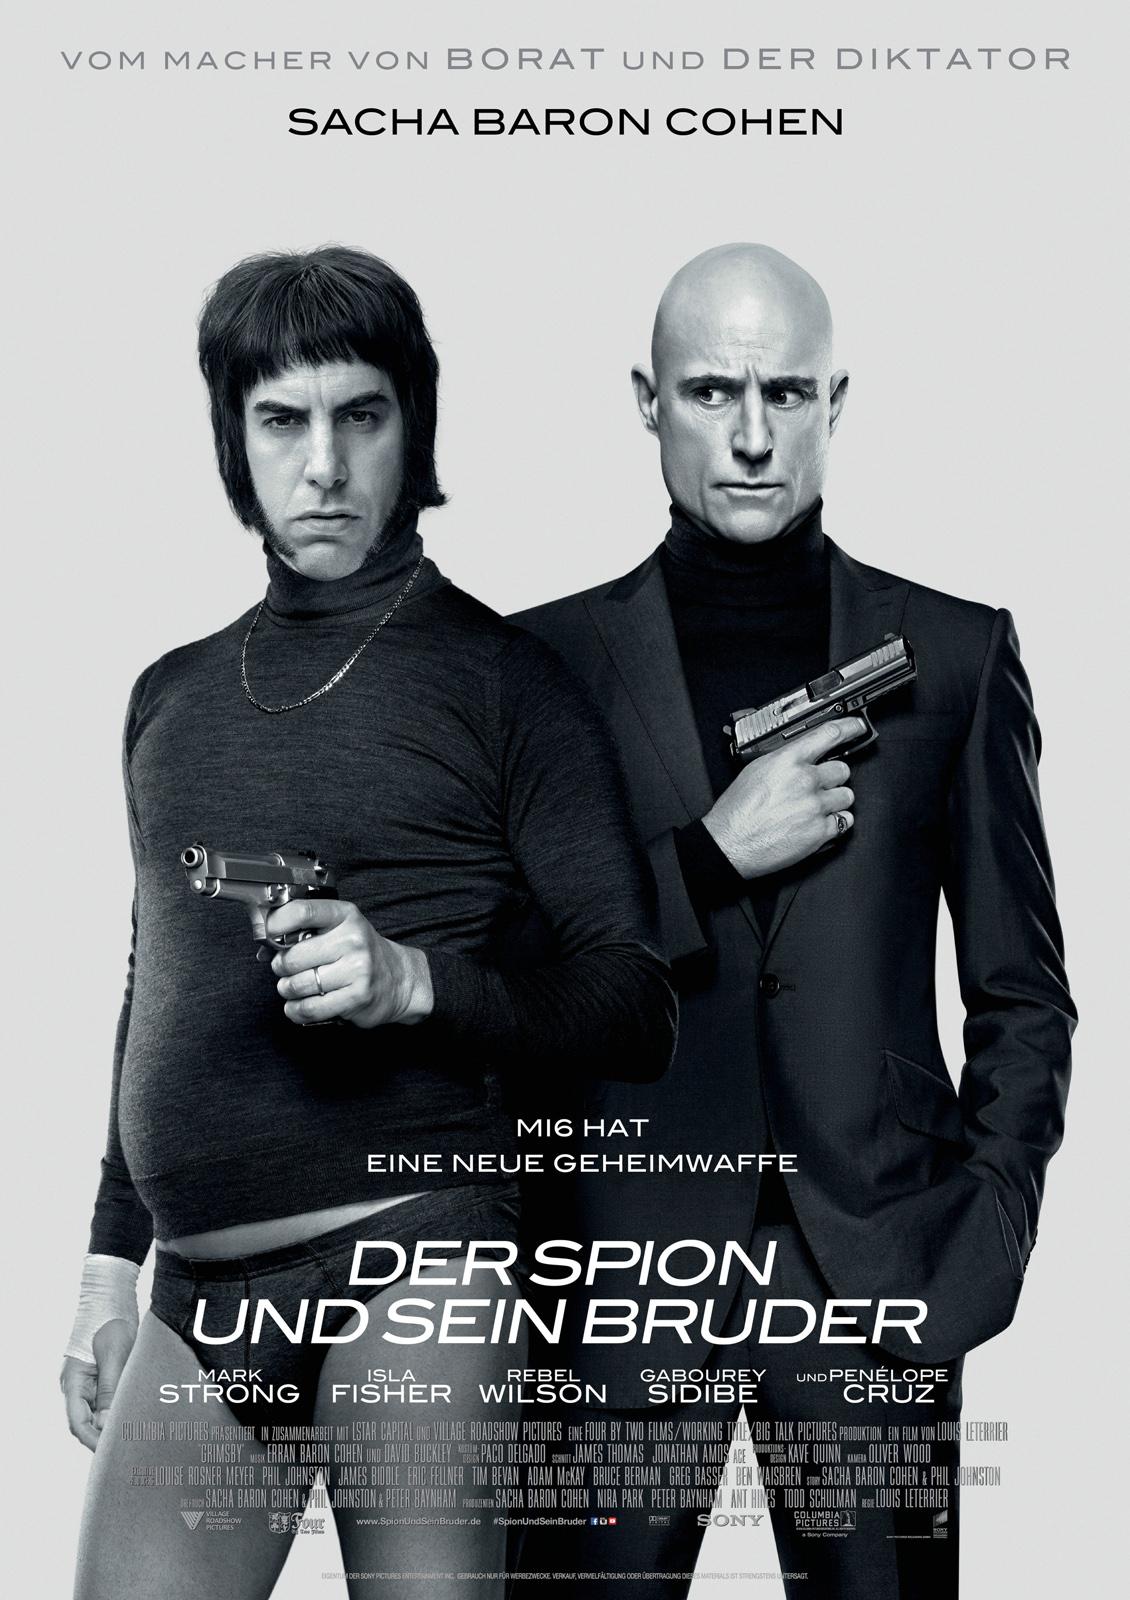 Der Spion Und Sein Bruder Movie2k